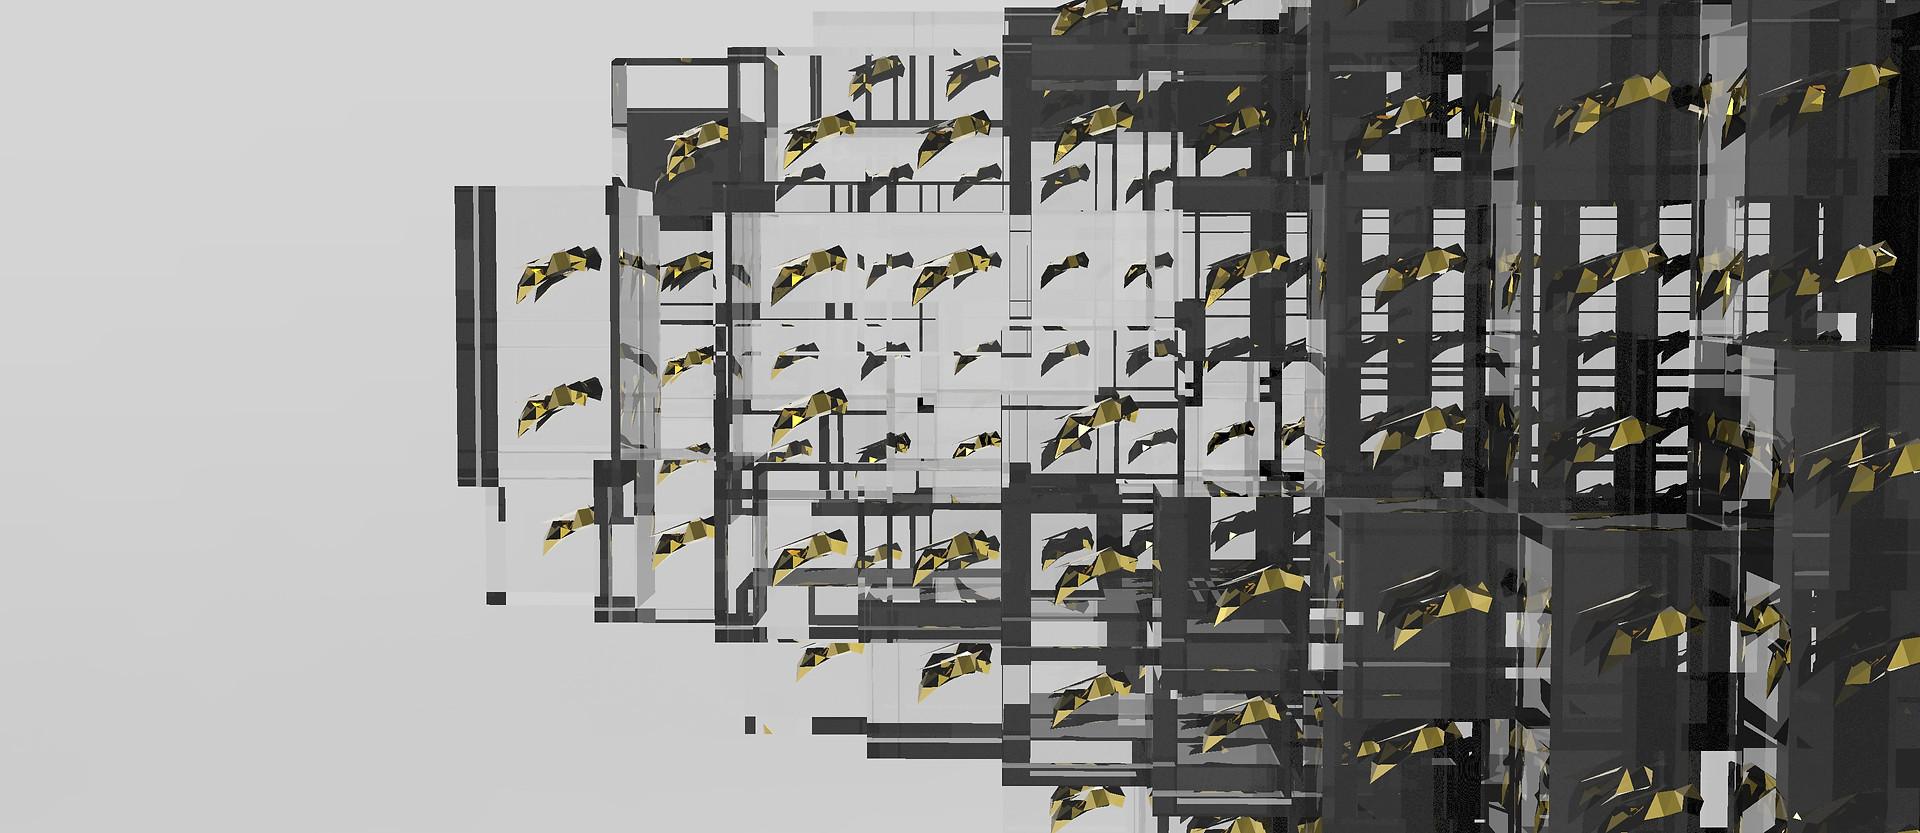 pixels beehive